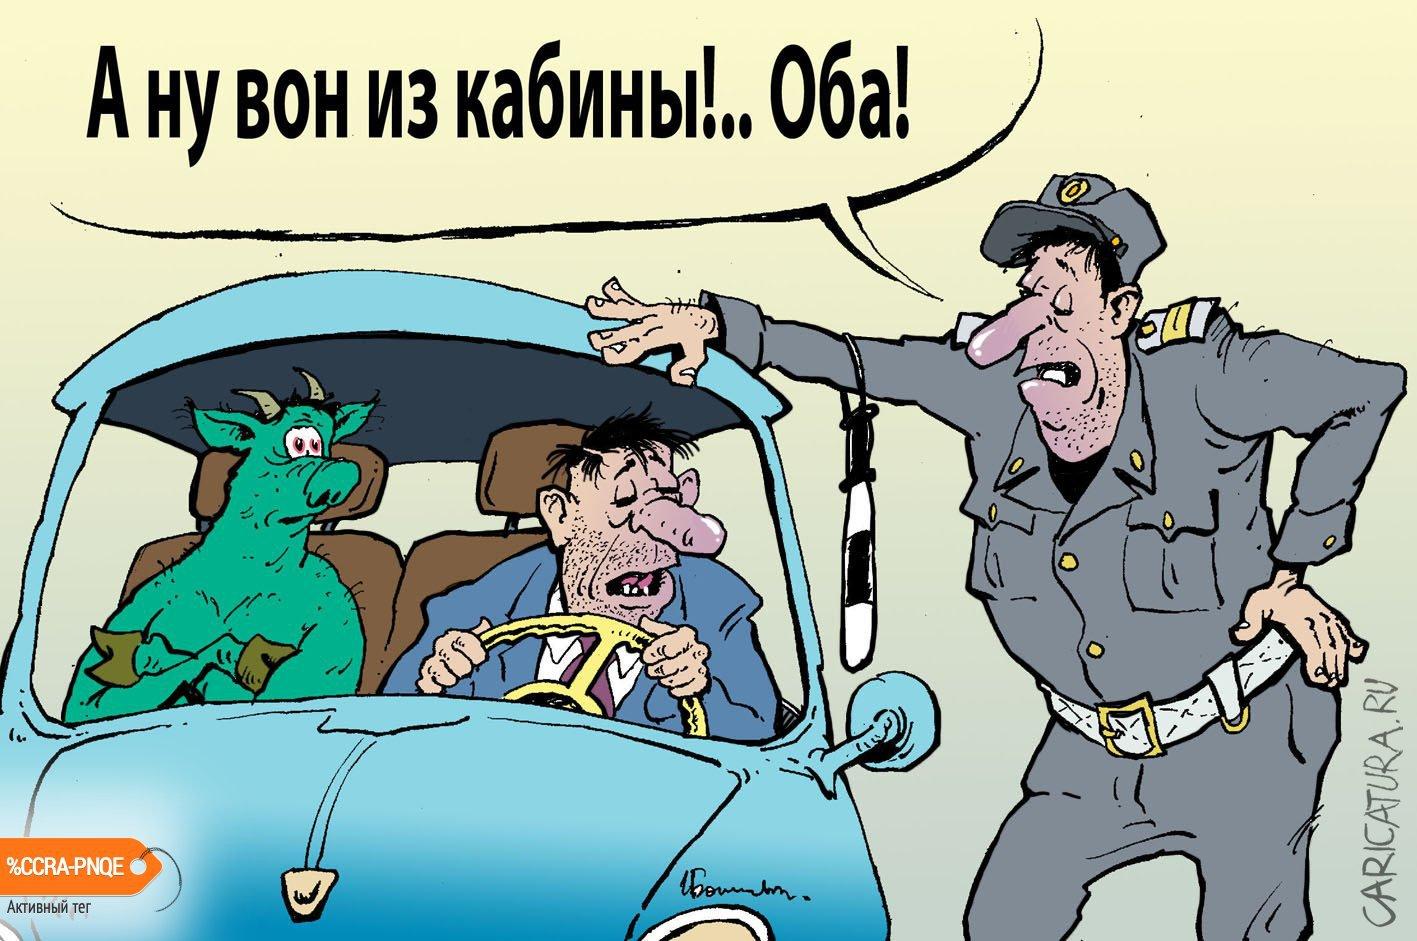 Черт в кабине, Игорь Елистратов